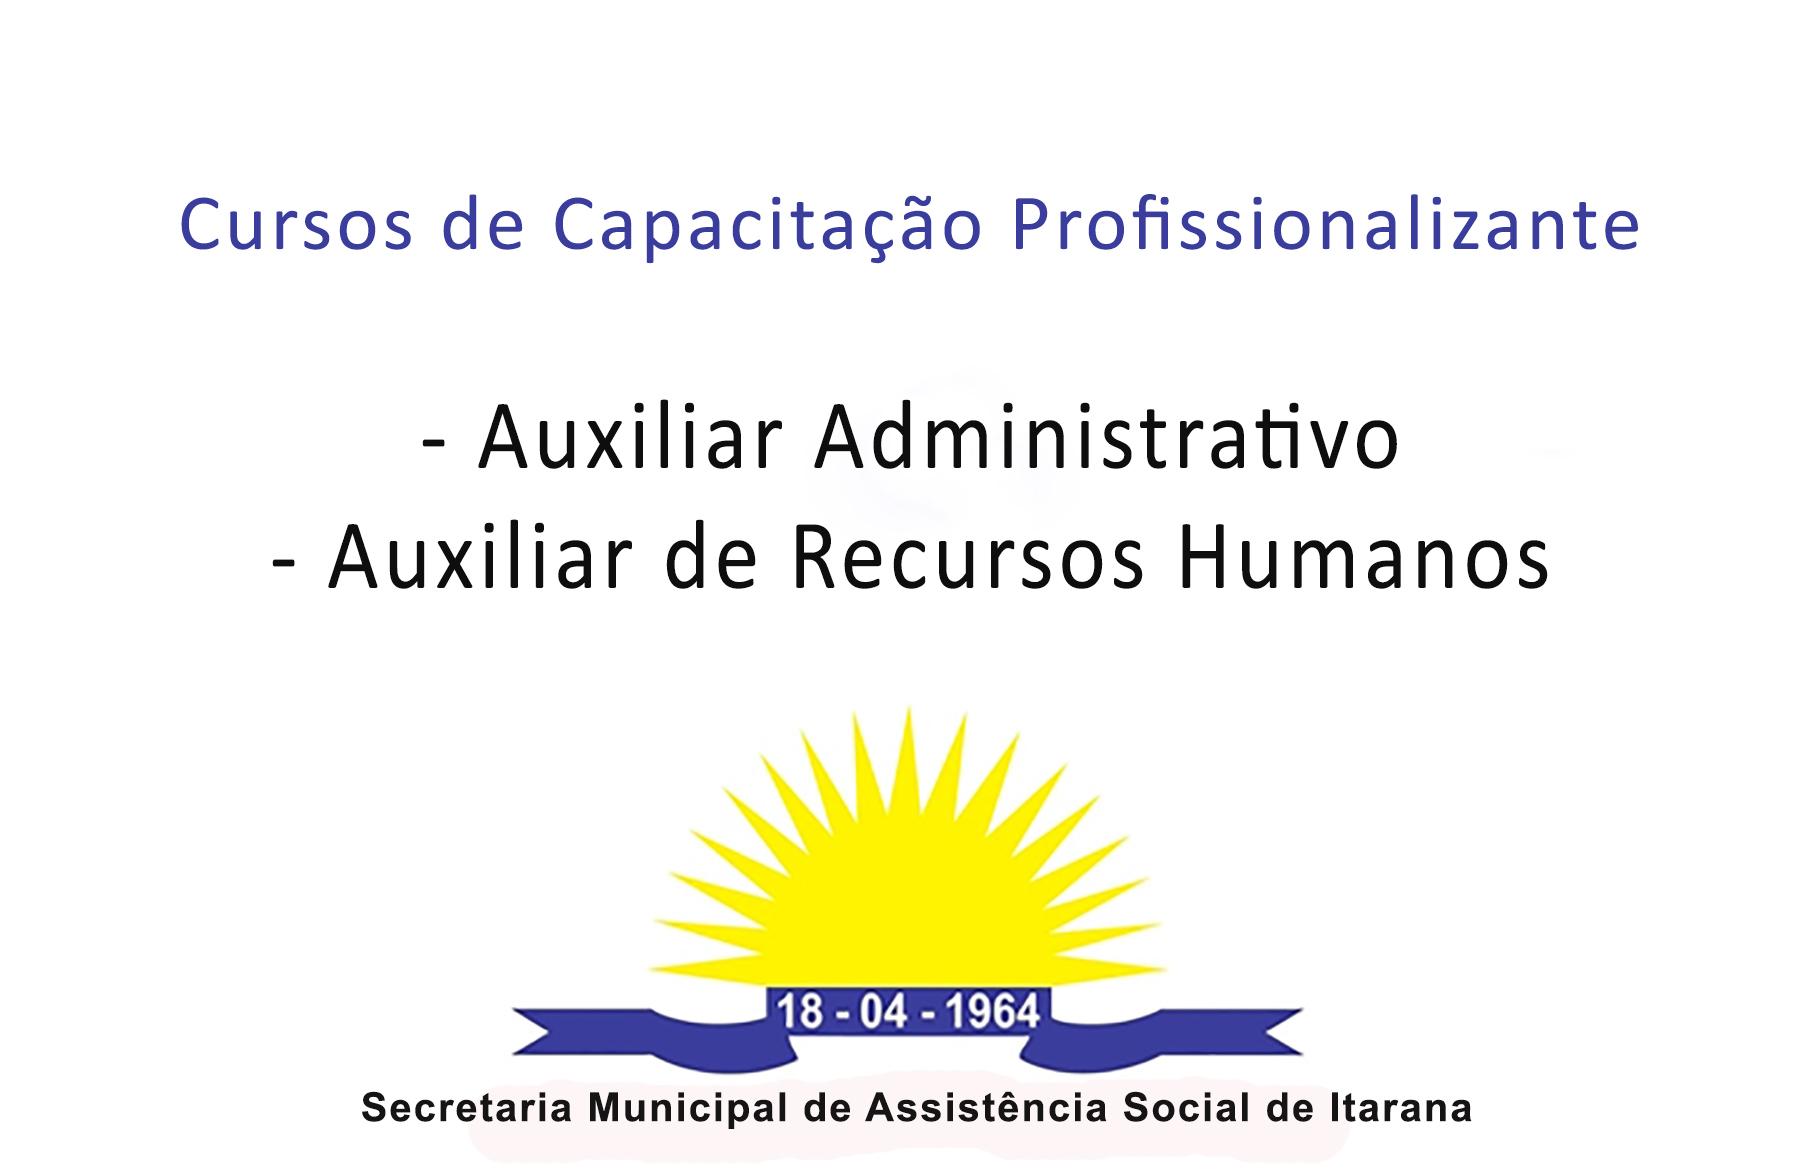 Abertas inscrições para cursos de Auxiliar Administrativo e Auxiliar de Recursos Humanos